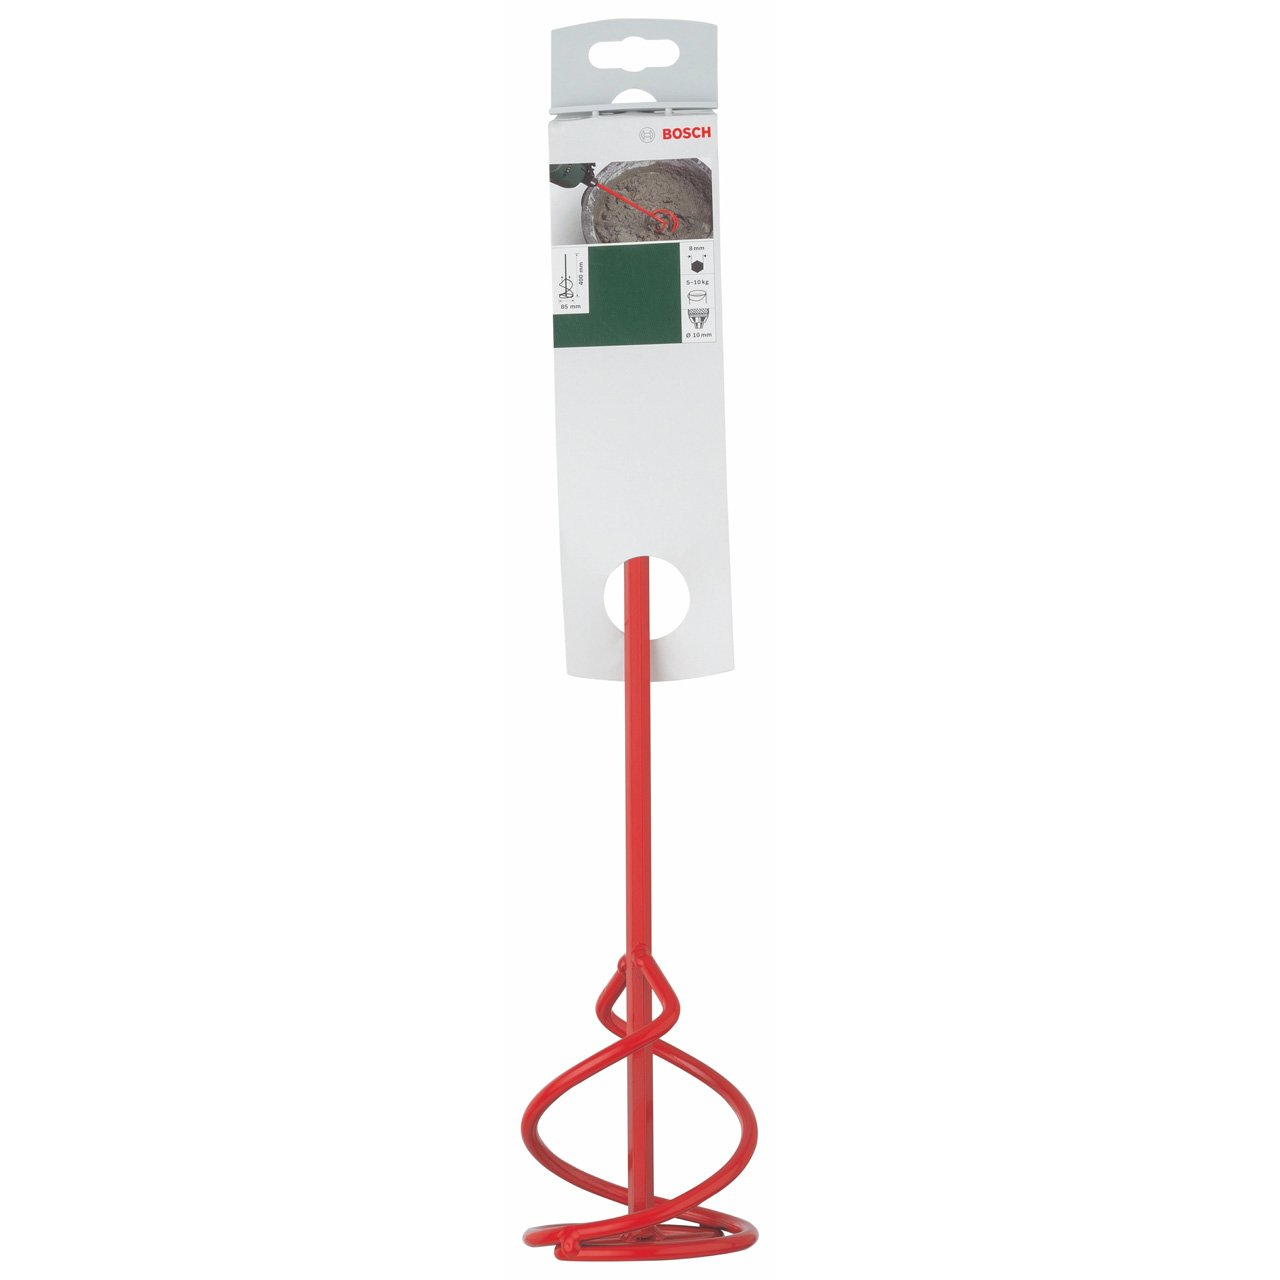 Bosch 2609256A01 Malaxeur produits collants et souples Type MM pour Perceuse Diam/ètre 85 mm Longueur 400 mm pour malaxage de 5 /à 10 kg